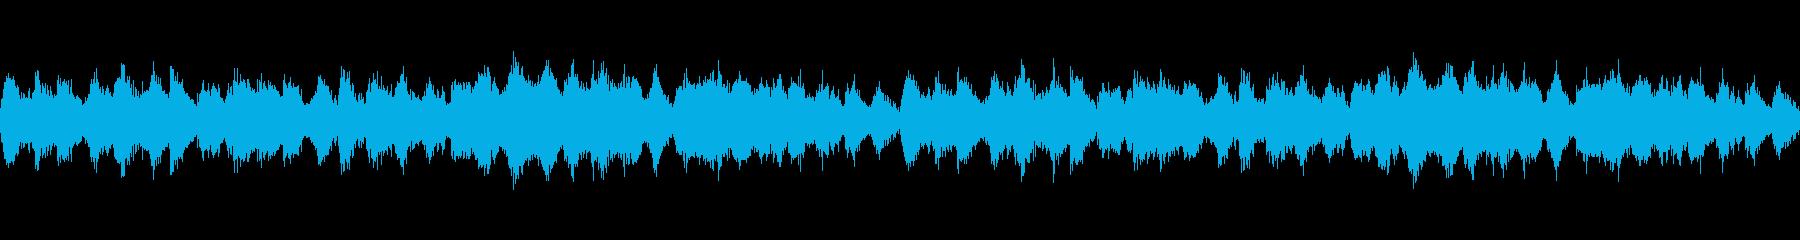 不気味な雰囲気の漂うホラーインストの再生済みの波形